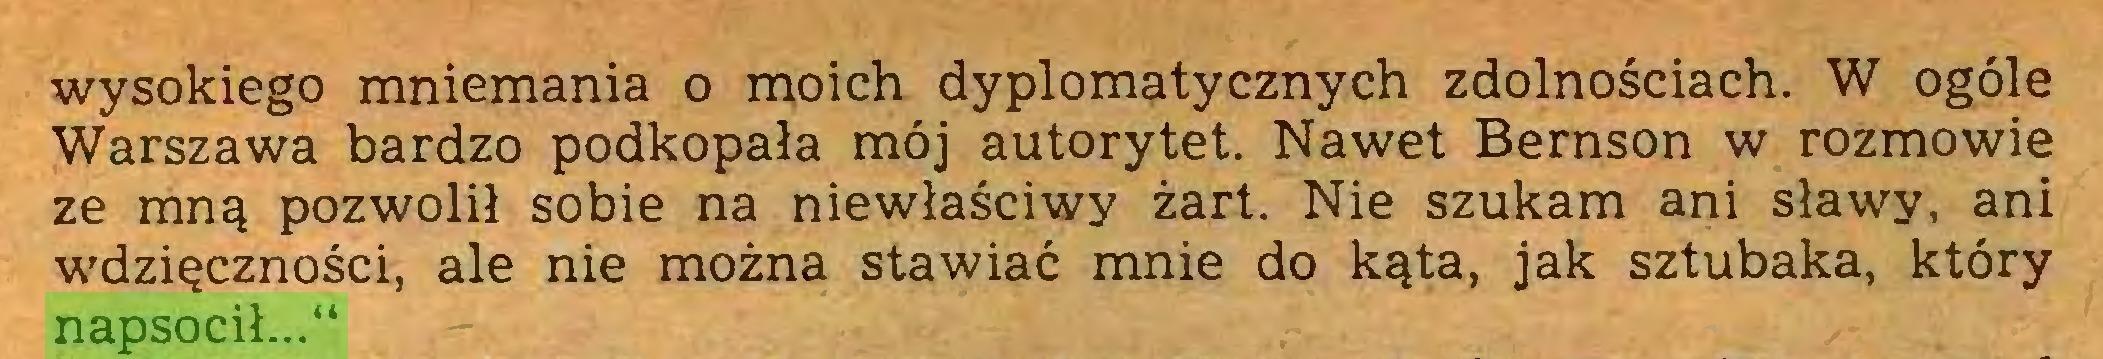 """(...) wysokiego mniemania o moich dyplomatycznych zdolnościach. W ogóle Warszawa bardzo podkopała mój autorytet. Nawet Bernson w rozmowie ze mną pozwolił sobie na niewłaściwy żart. Nie szukam ani sławy, ani wdzięczności, ale nie można stawiać mnie do kąta, jak sztubaka, który napsocił...""""..."""